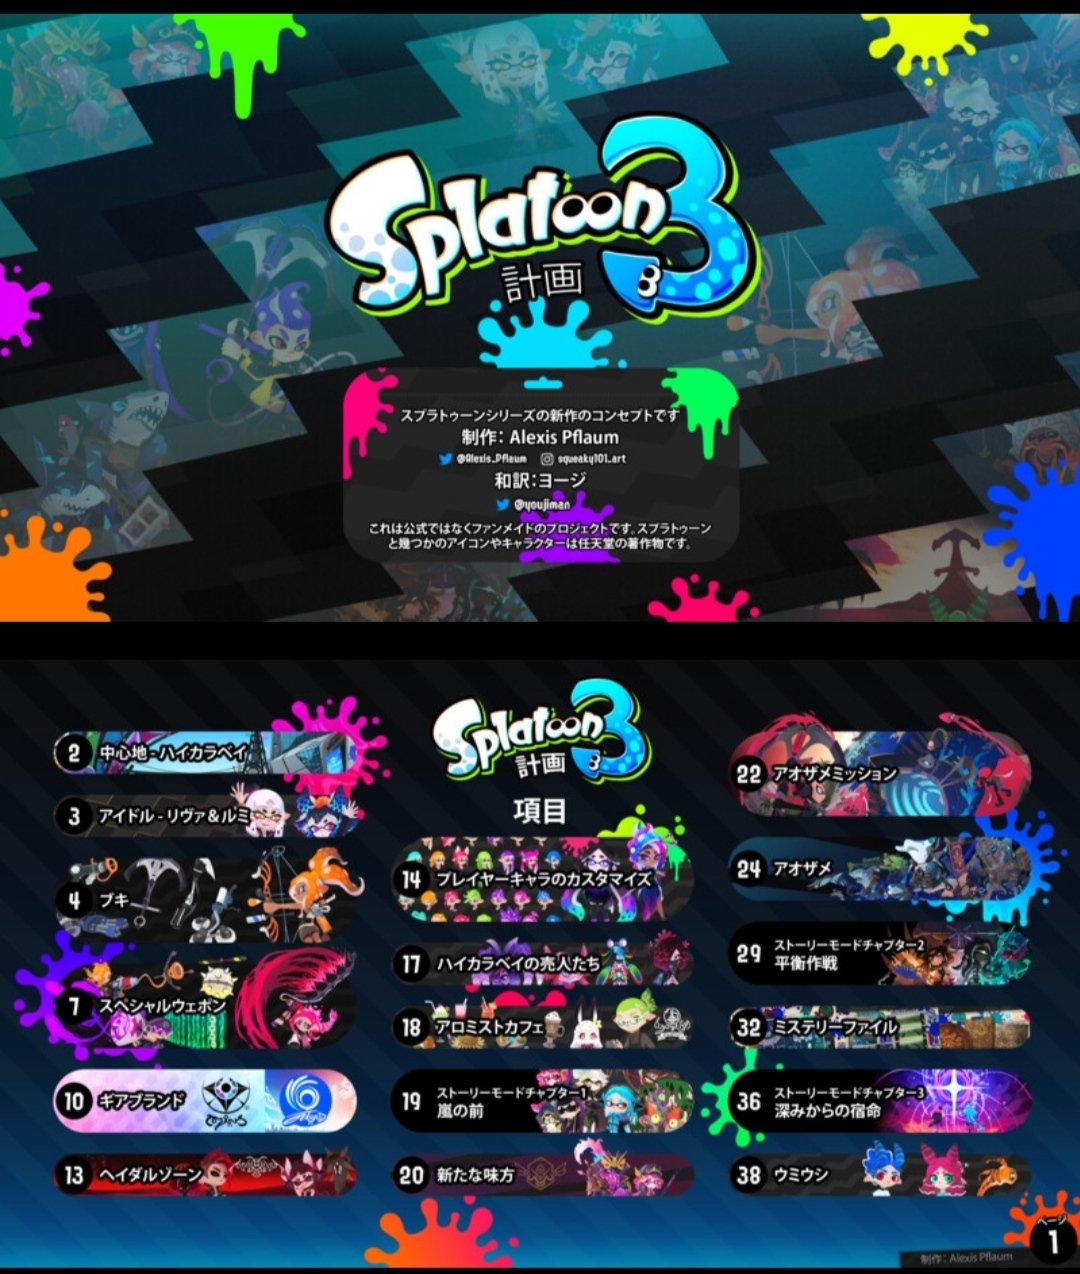 (画像あり) 17年7月25日 switchスプラトゥーン2 splatoon2;スプラトゥーン 12,3 プリ画像には、スプラトゥーンの画像が12,3枚 、関連したニュース記事が12. 有志の作ったスプラトゥーン3計画が凄い スプラ3 話題の画像がわかるサイト